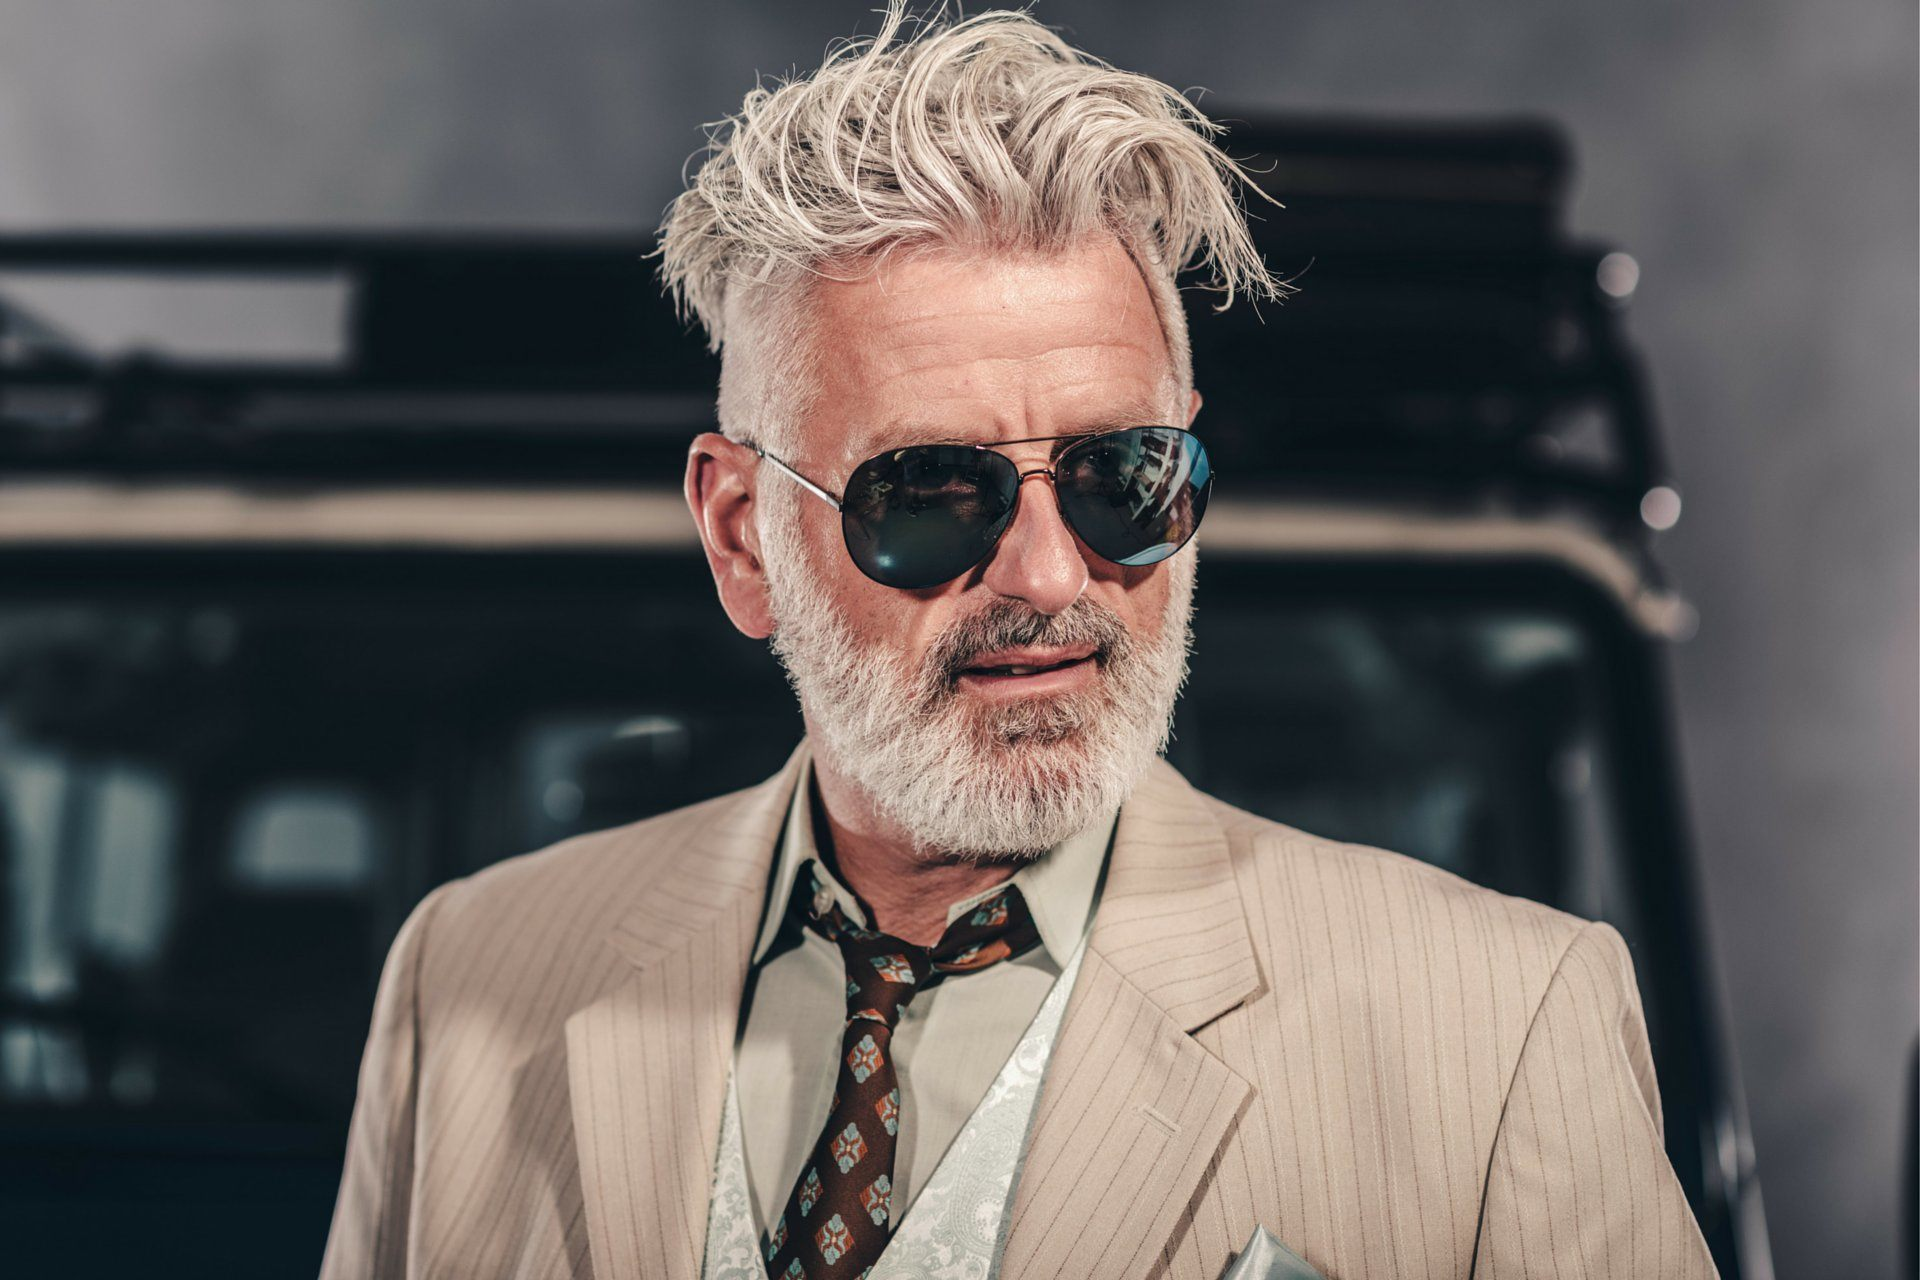 Der Graue Bart 23 Außergewöhnliche Männer Mit Grauem Bart